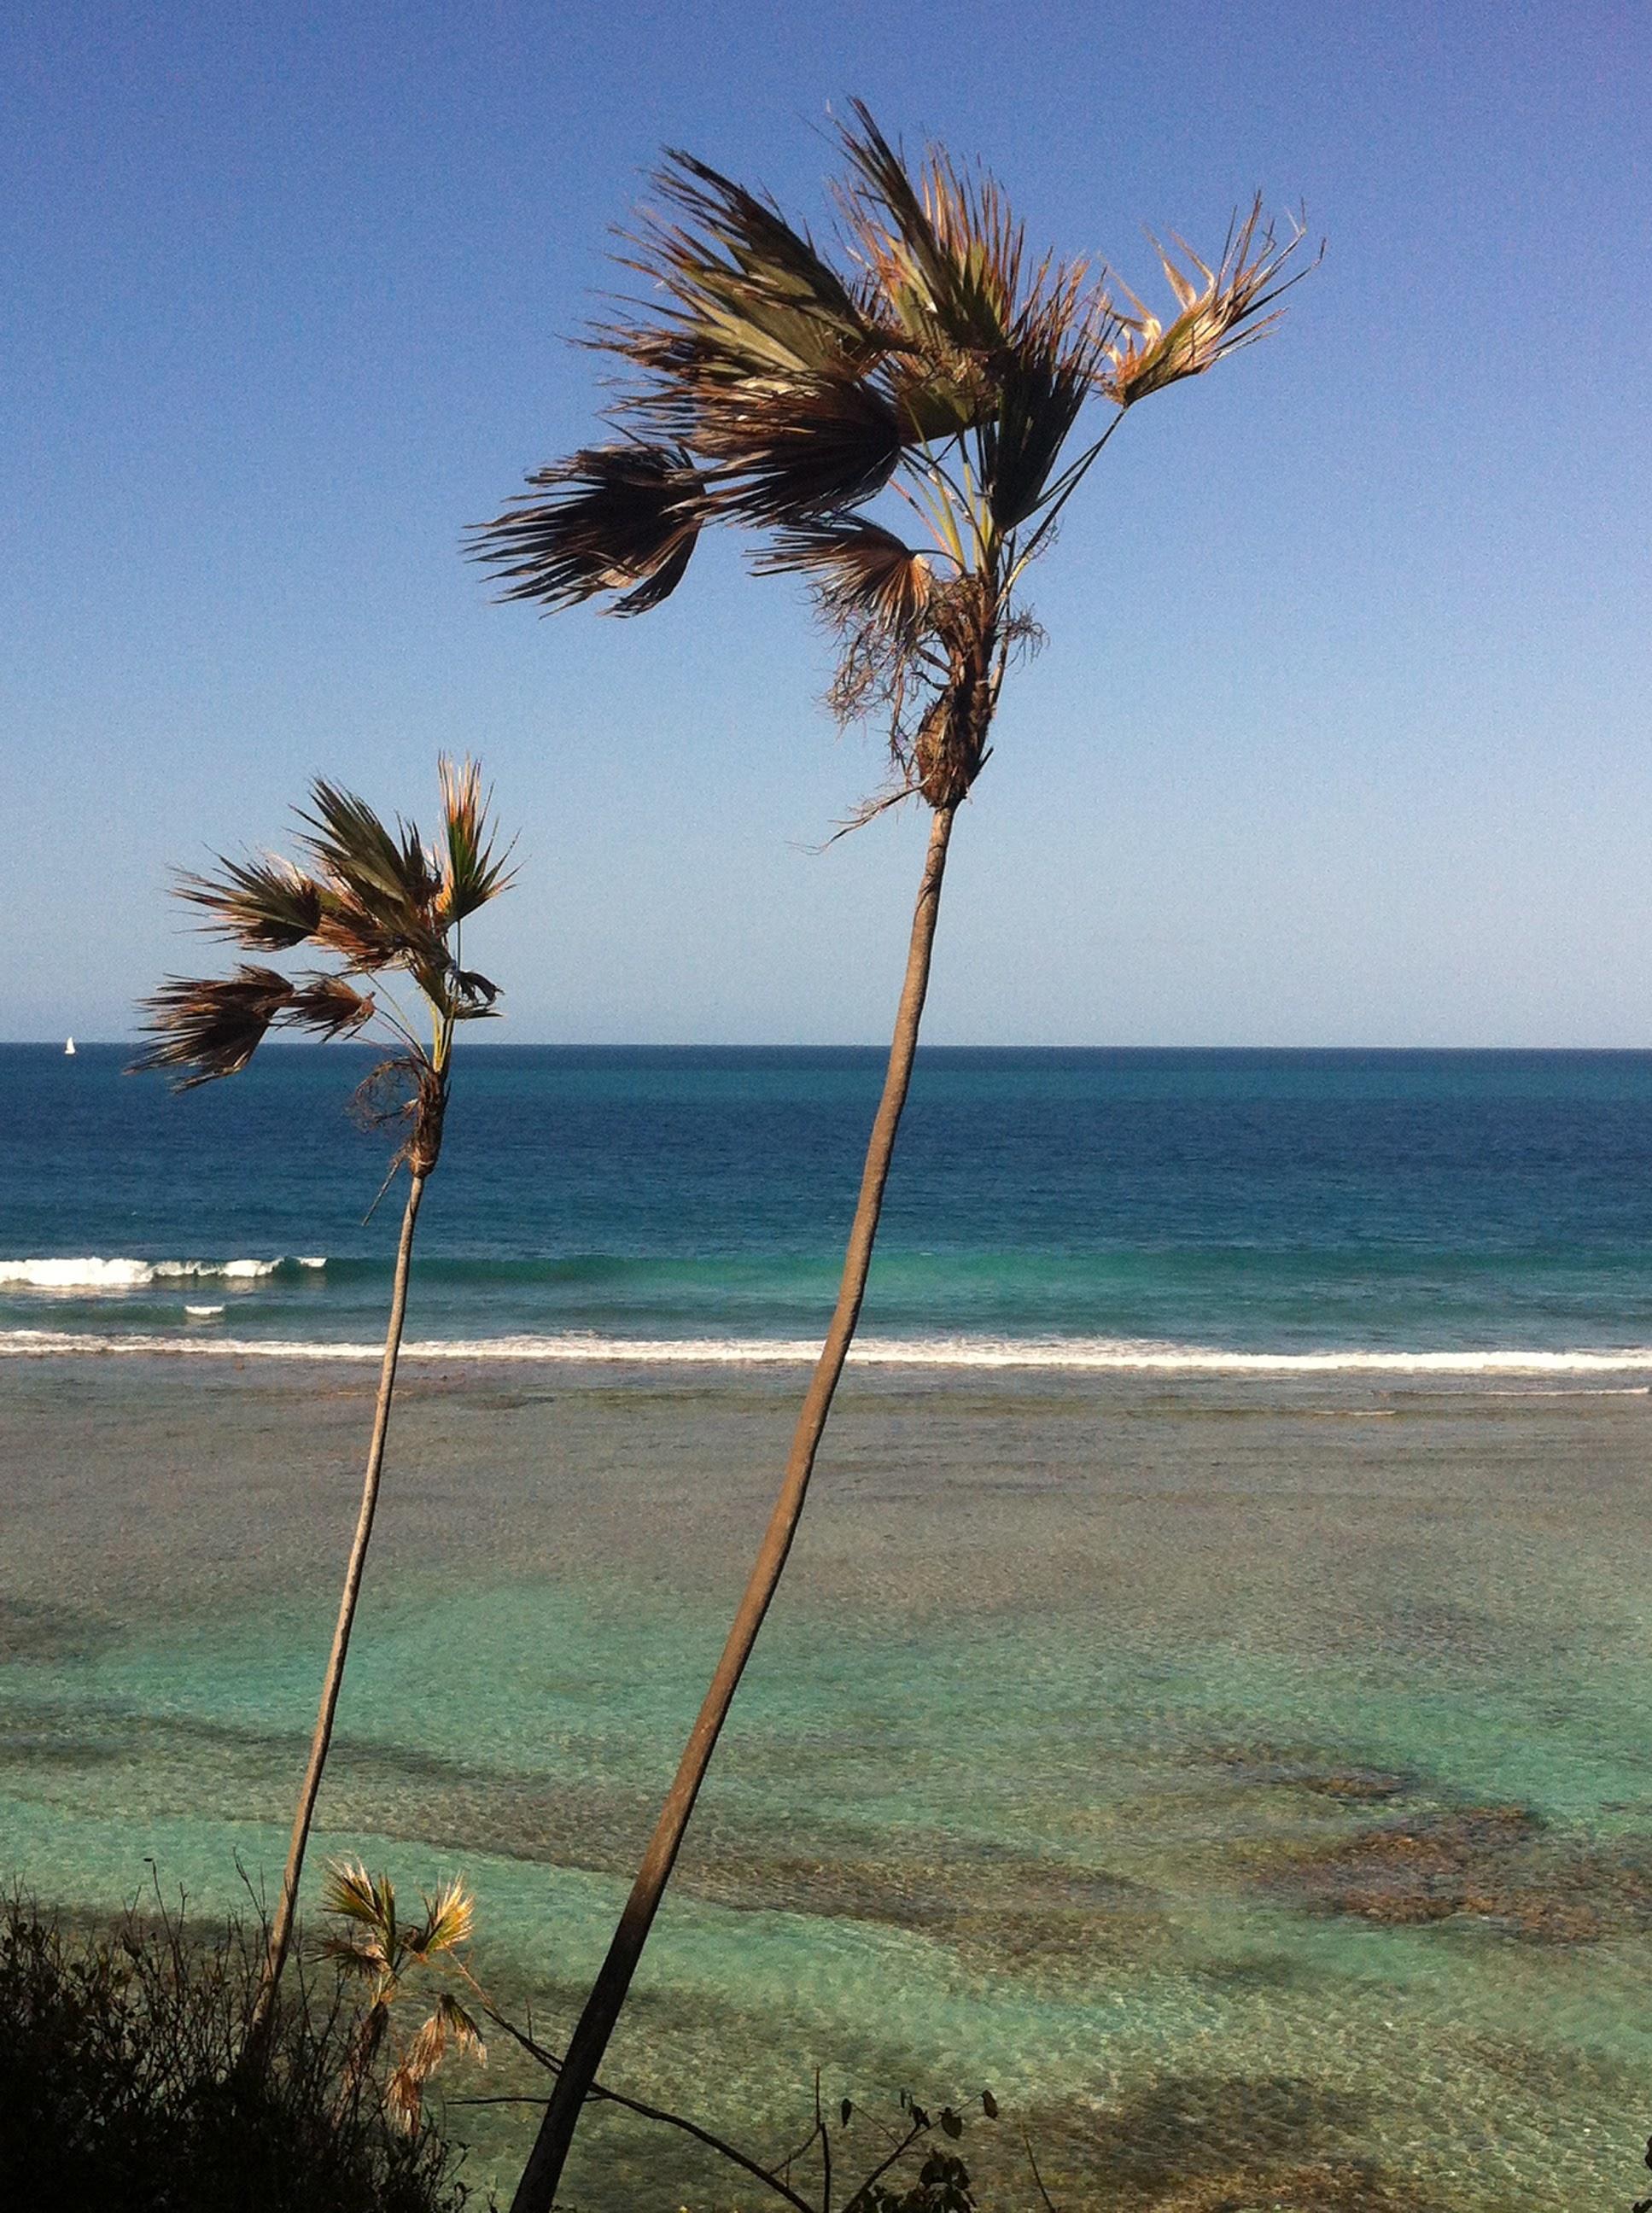 North Beach Scrub Island view